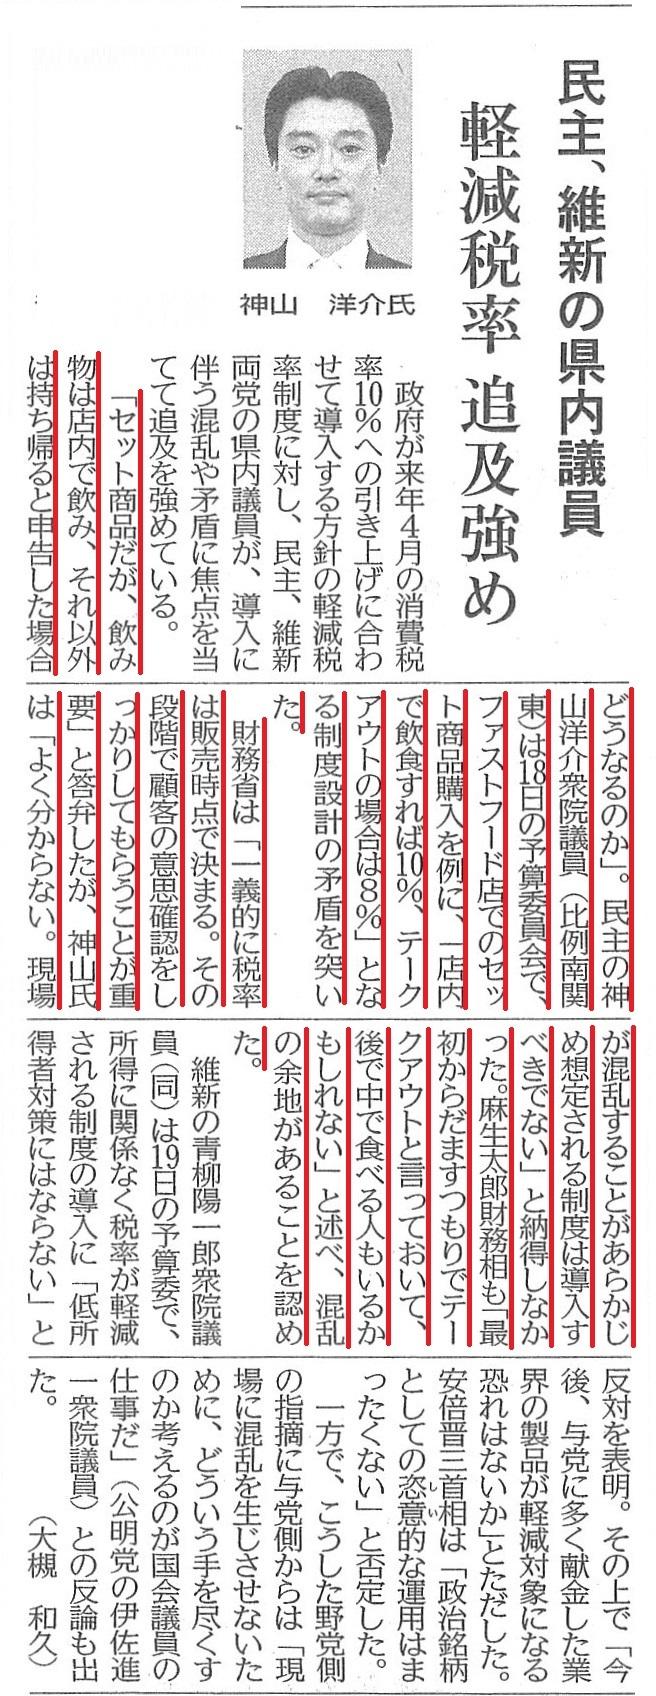 20160223【掲載記事】民主、維新の県内議員軽減税率追求強め(神奈川新聞)001